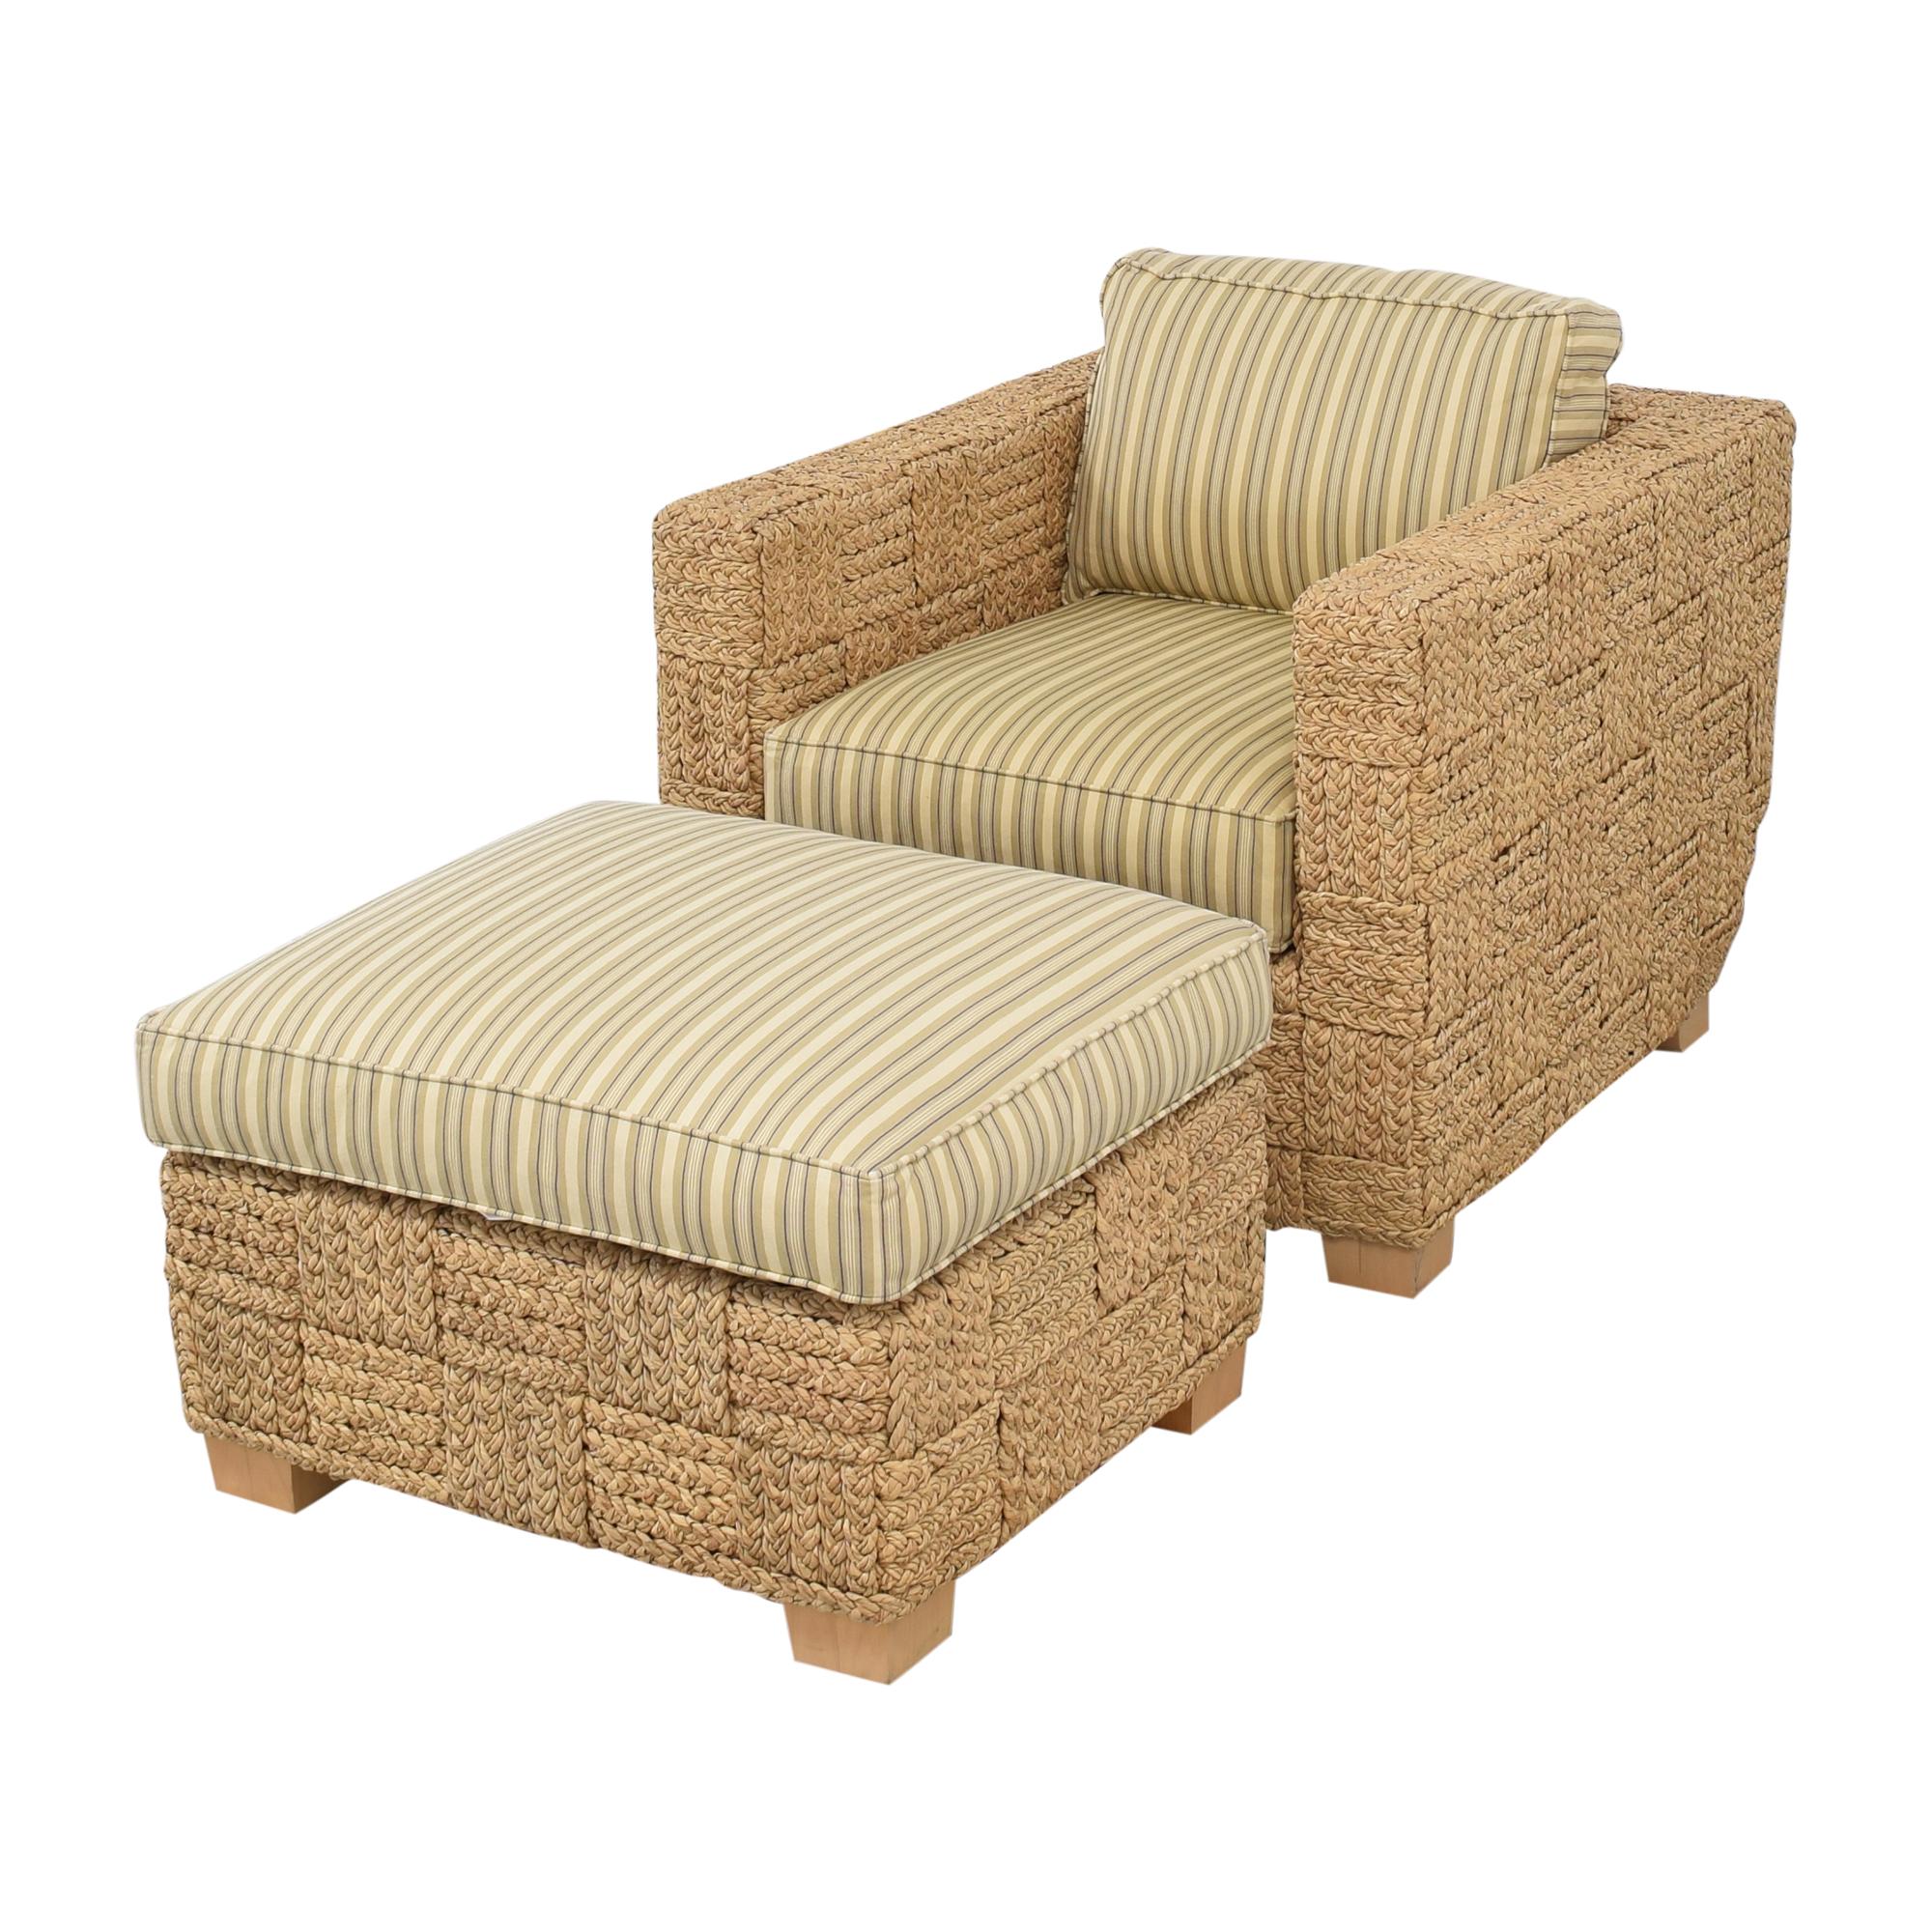 Ralph Lauren Home Ralph Lauren Home Accent Chair with Ottoman ct